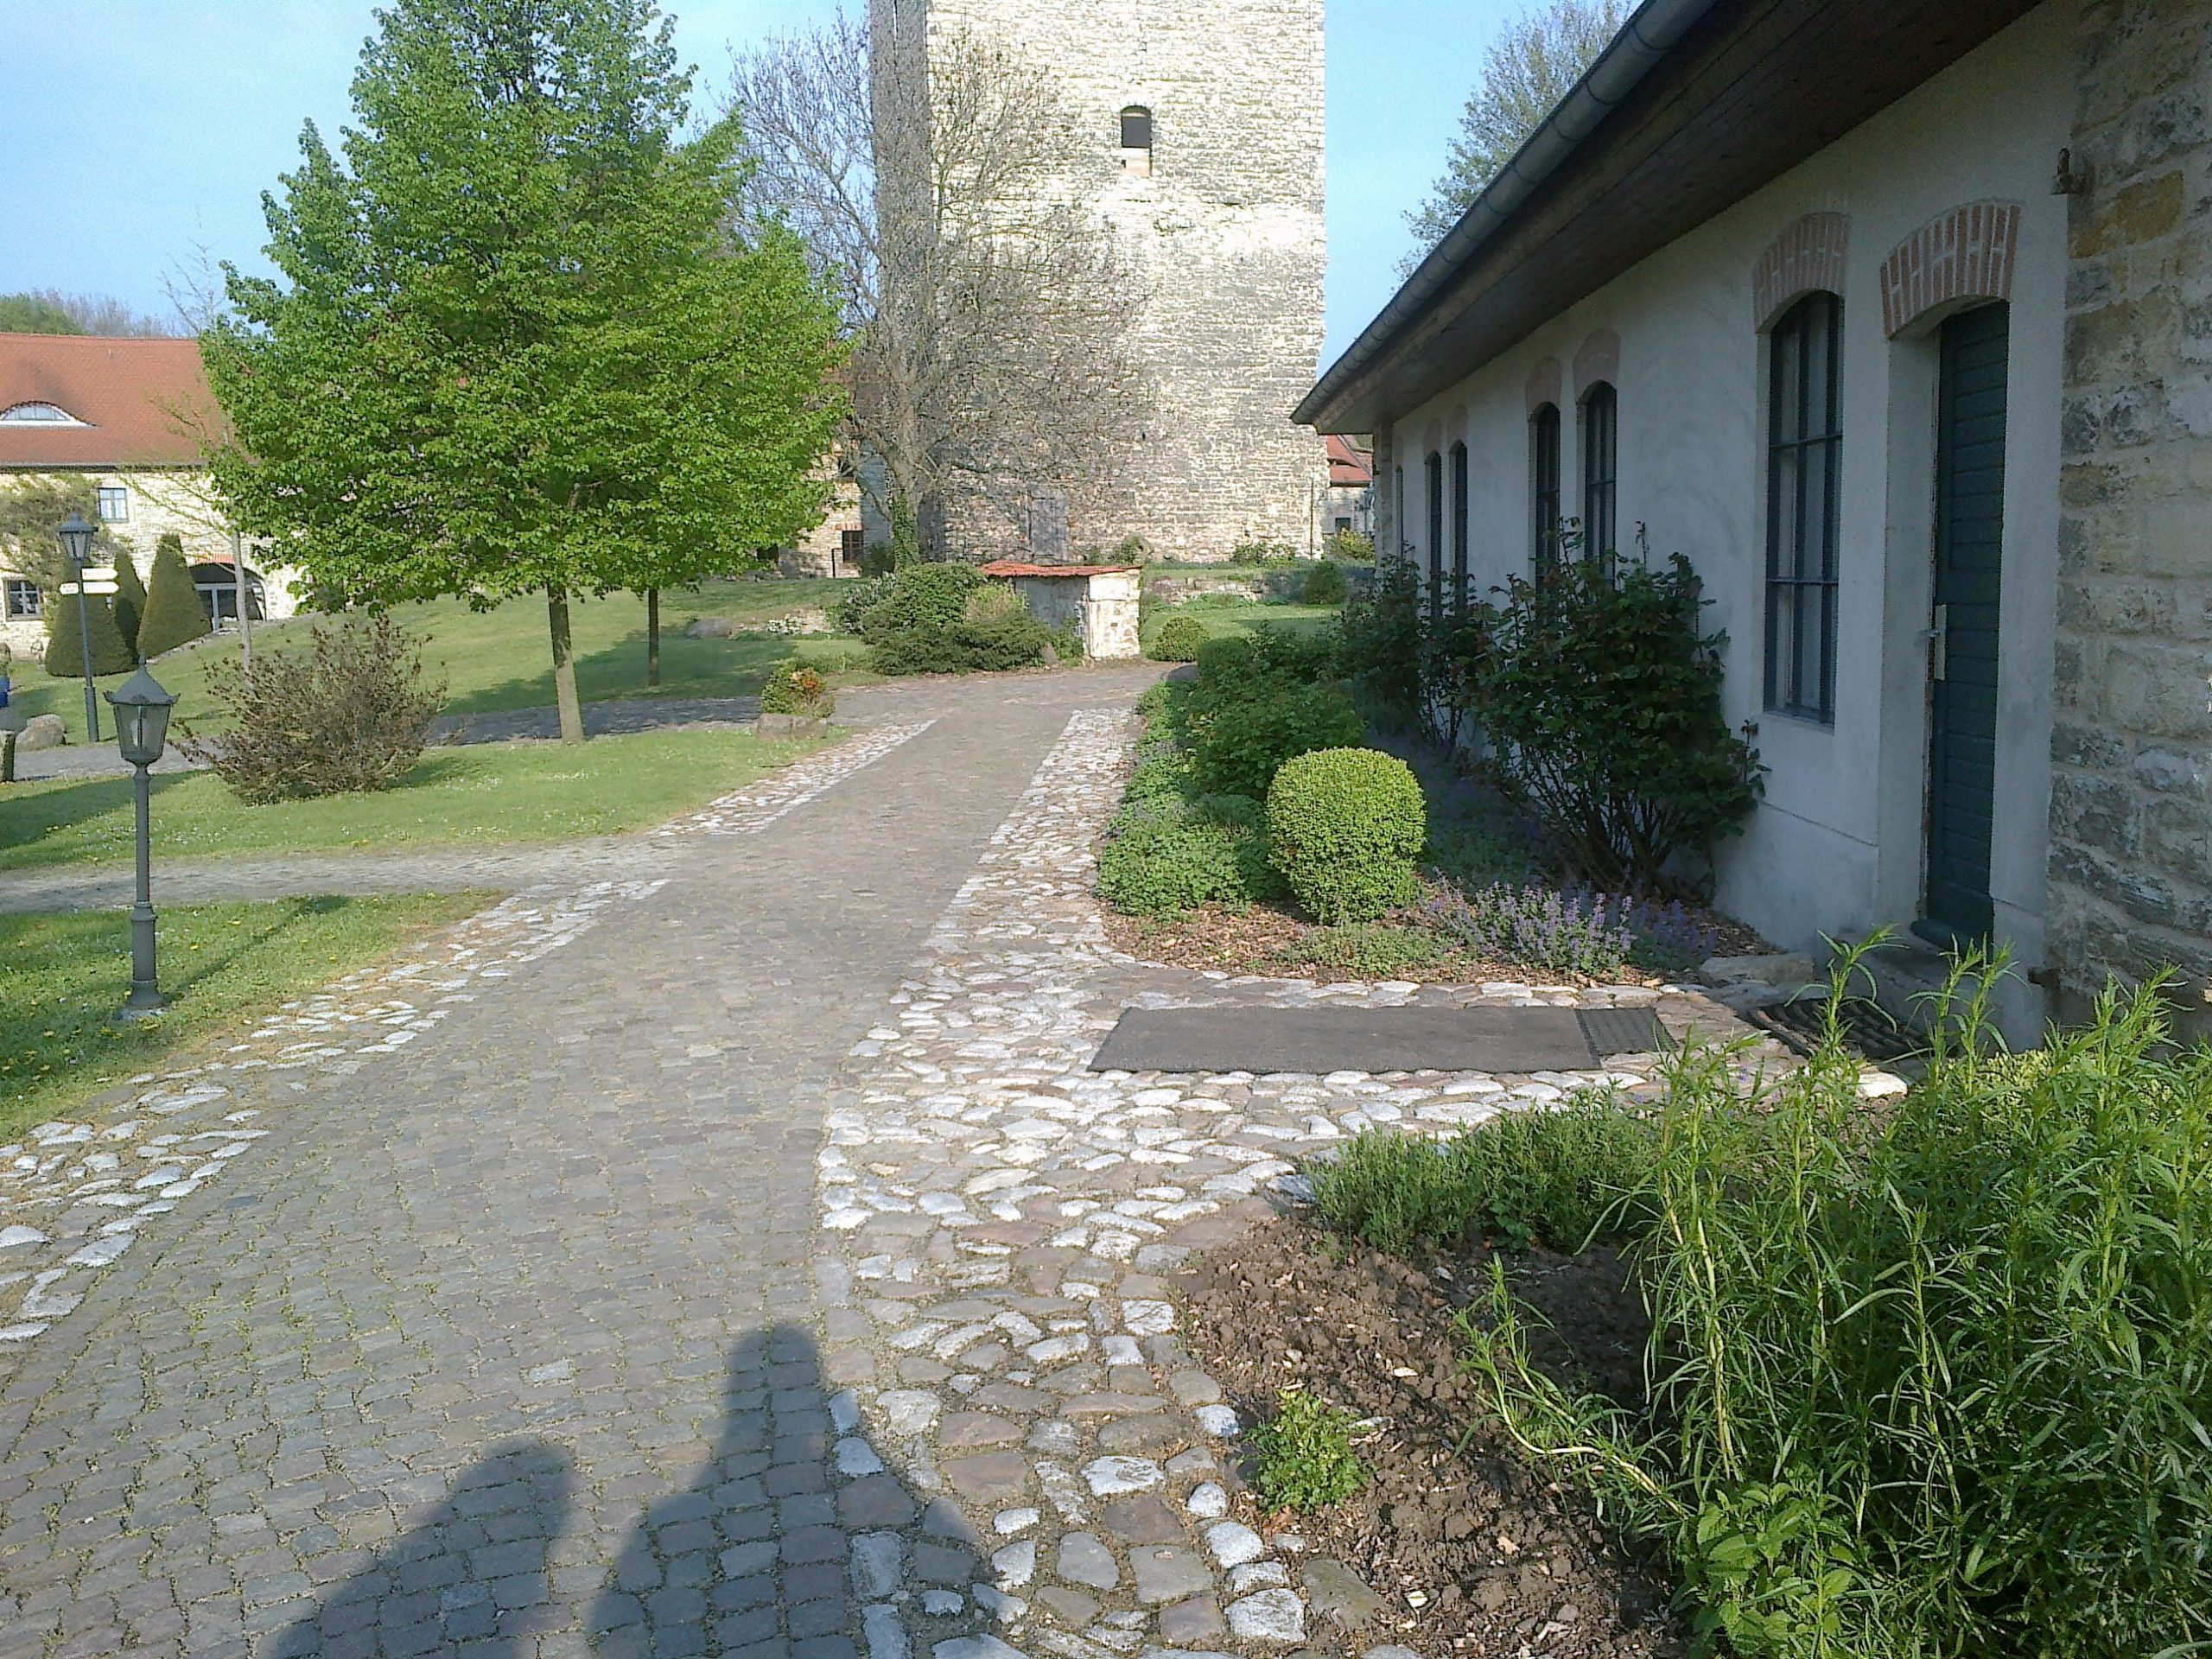 Burg-Wanzleben